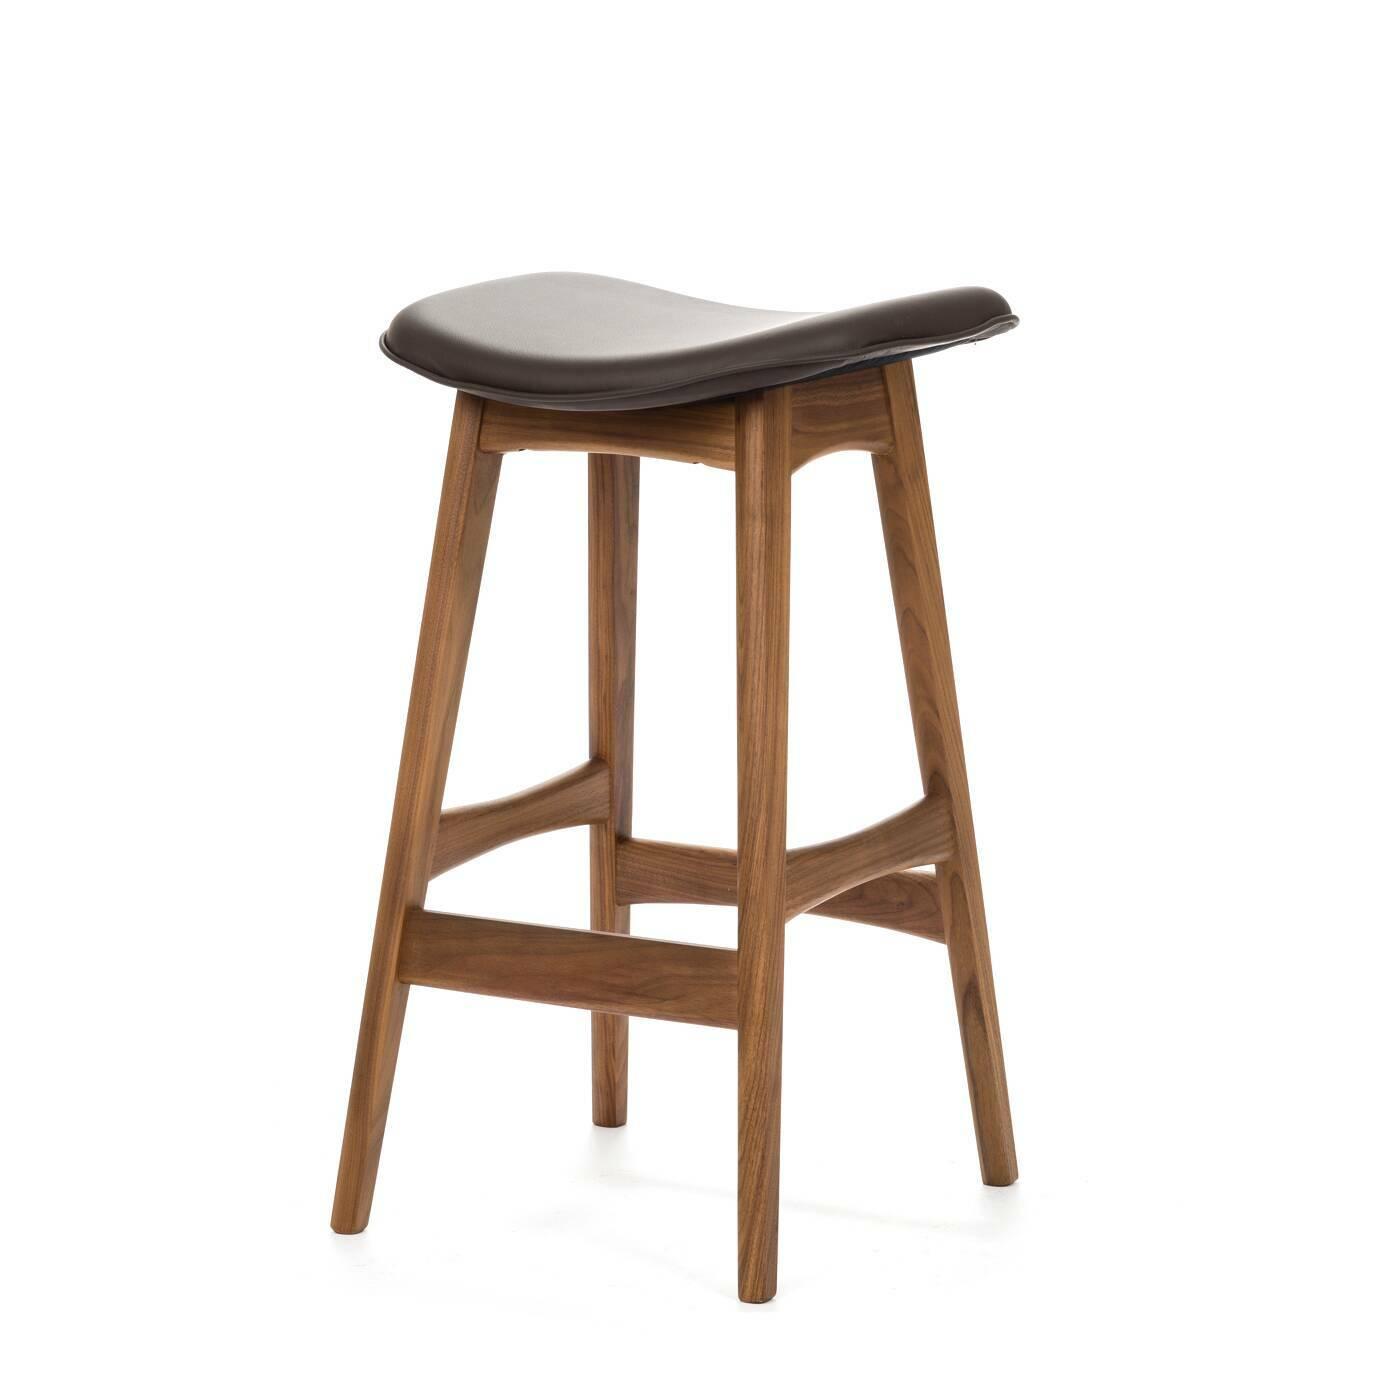 Барный стул Allegra высота 67Полубарные<br>Первоначально разработанный Йоханнесом Андерсеном в 1961 году, барный стул Allegra высота 67 — простое, но шикарное дополнение к любому дому или офису. С сиденьем, находящимся на уровне 76 сантиметров, этот стильный стул практичен и современен.<br><br><br> Высококачественная рама барного стула Allegra высота 67 выполнена из ореха, а сиденье — из мягкой кожи, которую к тому же легко чистить. Сиденье шириной 40 сантиметров подстроено под анатомические линии тела. Красное, белое и черное цветовое...<br><br>stock: 0<br>Высота: 66,5<br>Ширина: 40<br>Глубина: 38,5<br>Цвет ножек: Орех<br>Материал ножек: Массив ореха<br>Цвет сидения: Черный<br>Тип материала сидения: Кожа<br>Тип материала ножек: Дерево